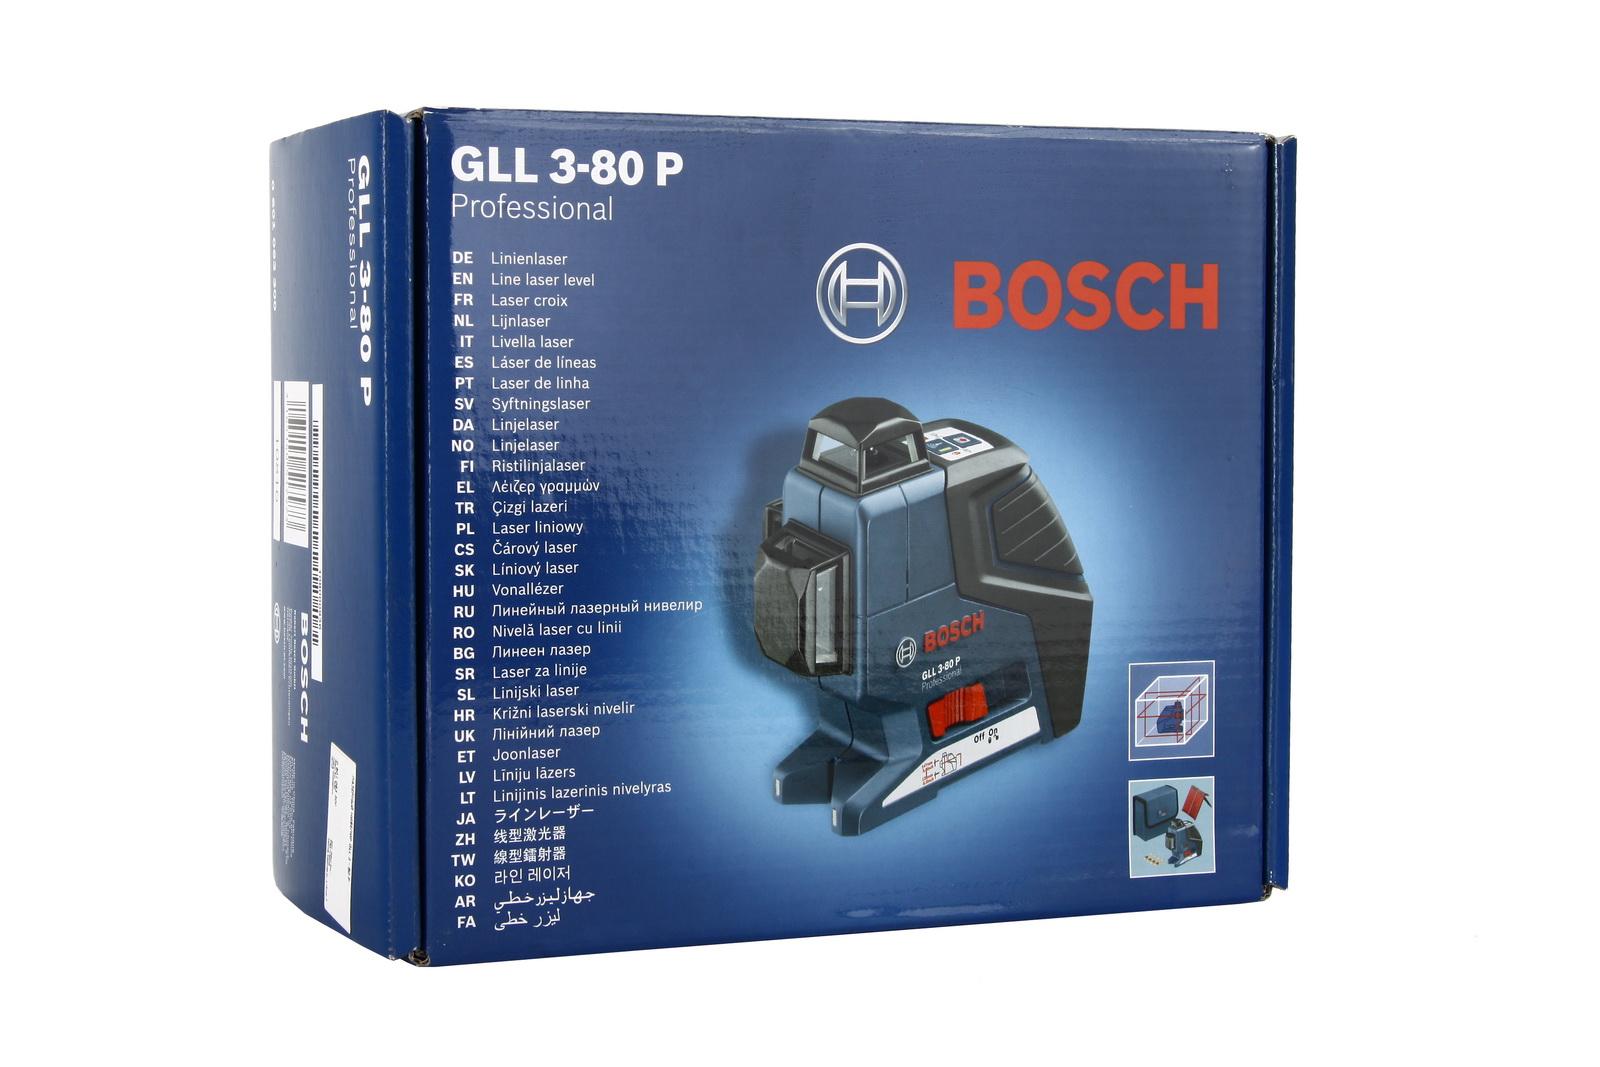 Лазерный построитель плоскостей Bosch Gll 3-80 professional (0.601.063.305)